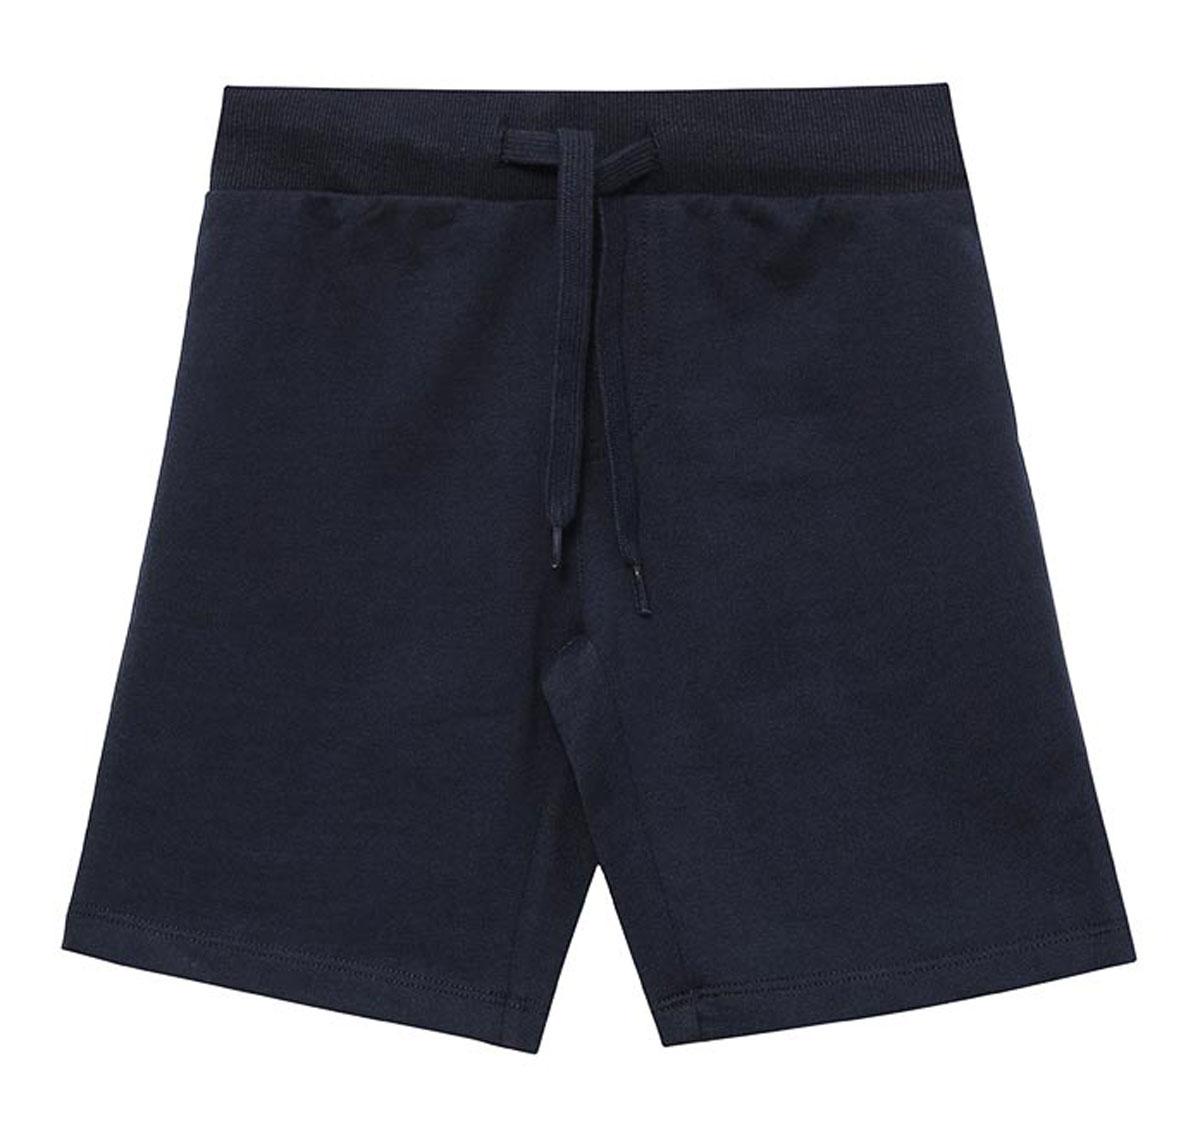 Шорты для мальчика Sela, цвет: темно-синий. SHk-715/302-7161. Размер 110, 5 летSHk-715/302-7161Удобные шорты для мальчика Sela выполнены из качественного хлопкового материала в спортивном стиле. Шорты прямого кроя и стандартной посадки на талии имеют широкий пояс на мягкой резинке, дополнительно регулируемый шнурком.